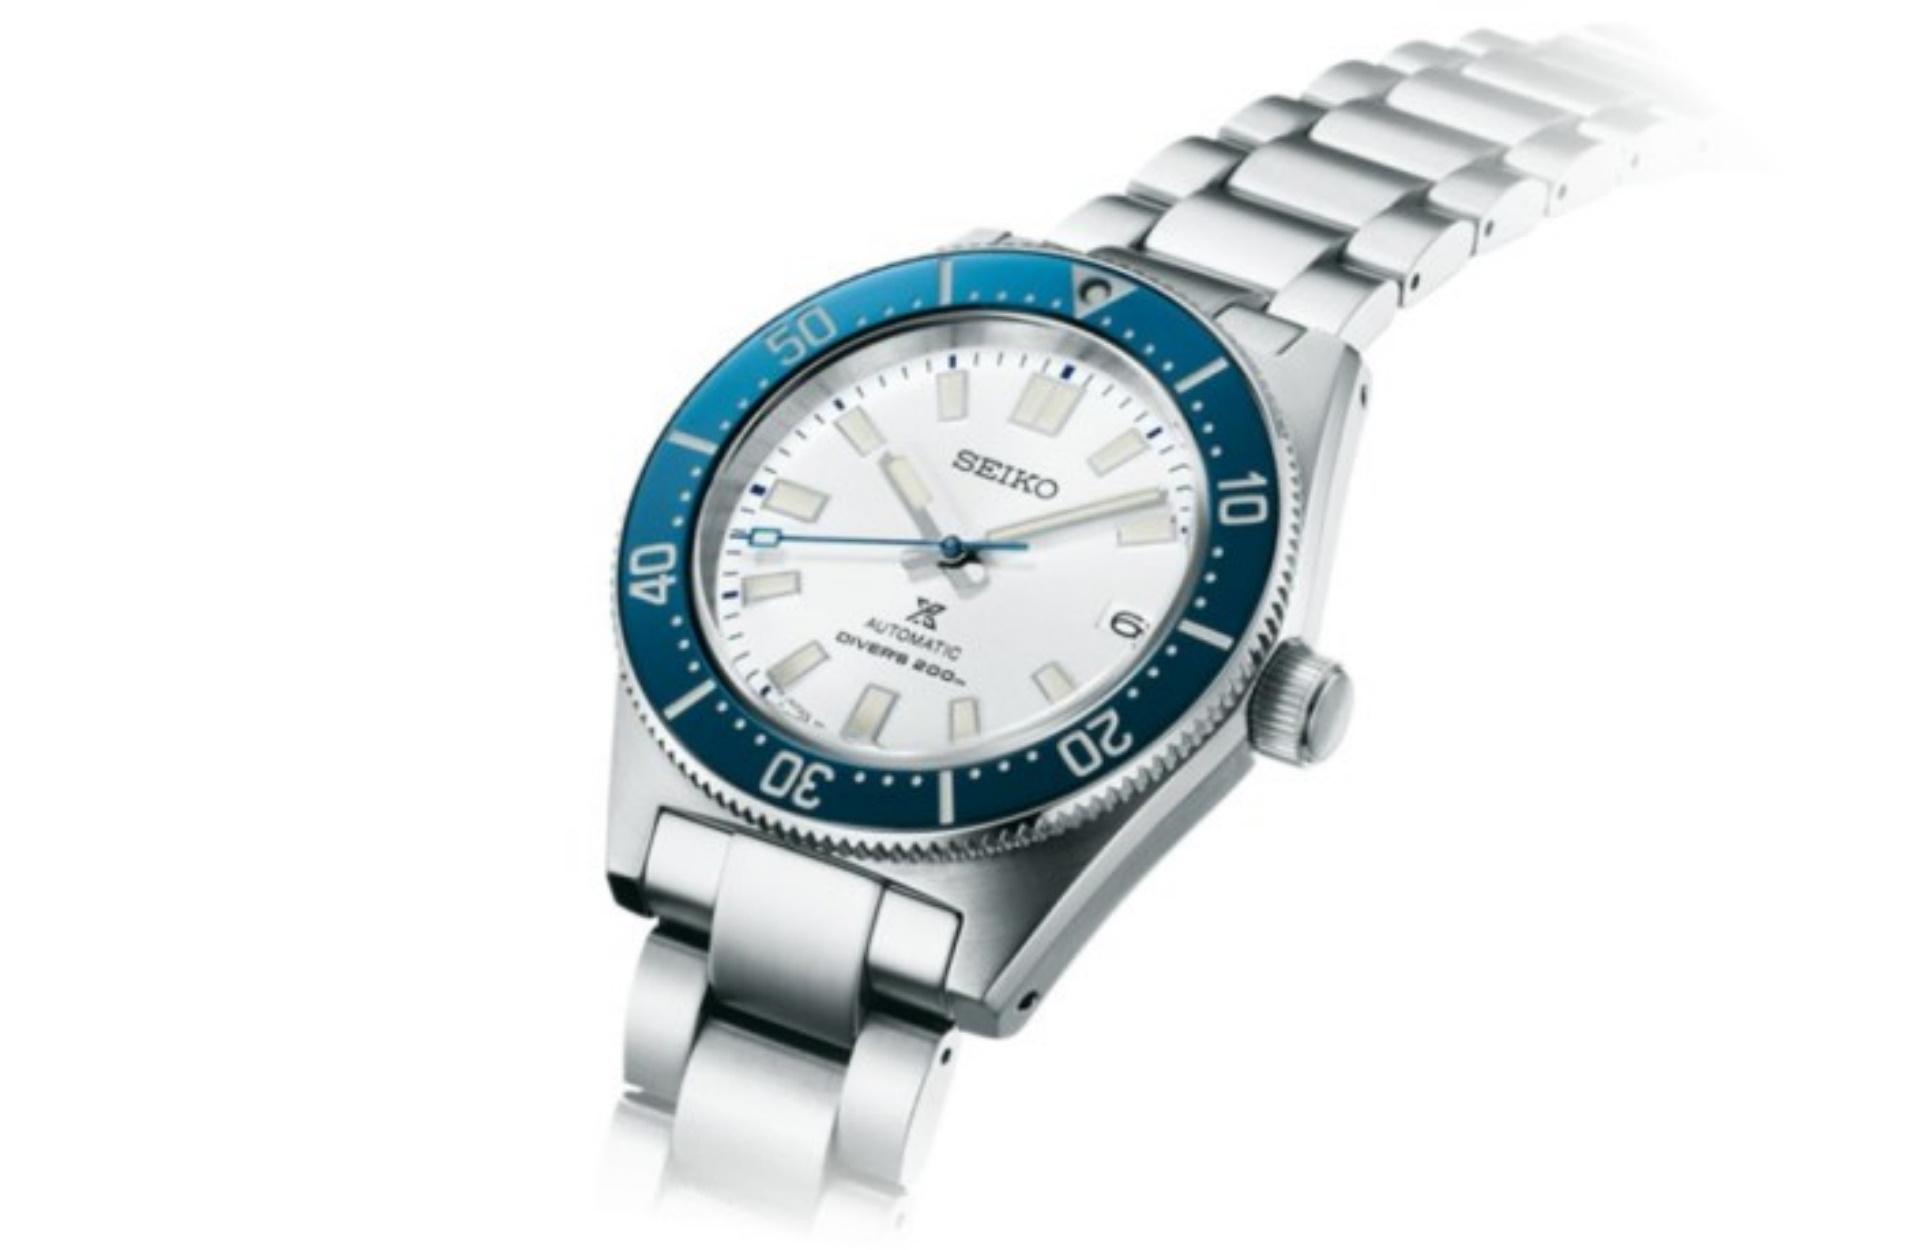 Η Seiko μόλις παρουσίασε ένα πανέμορφο καταδύτικο ρολόι